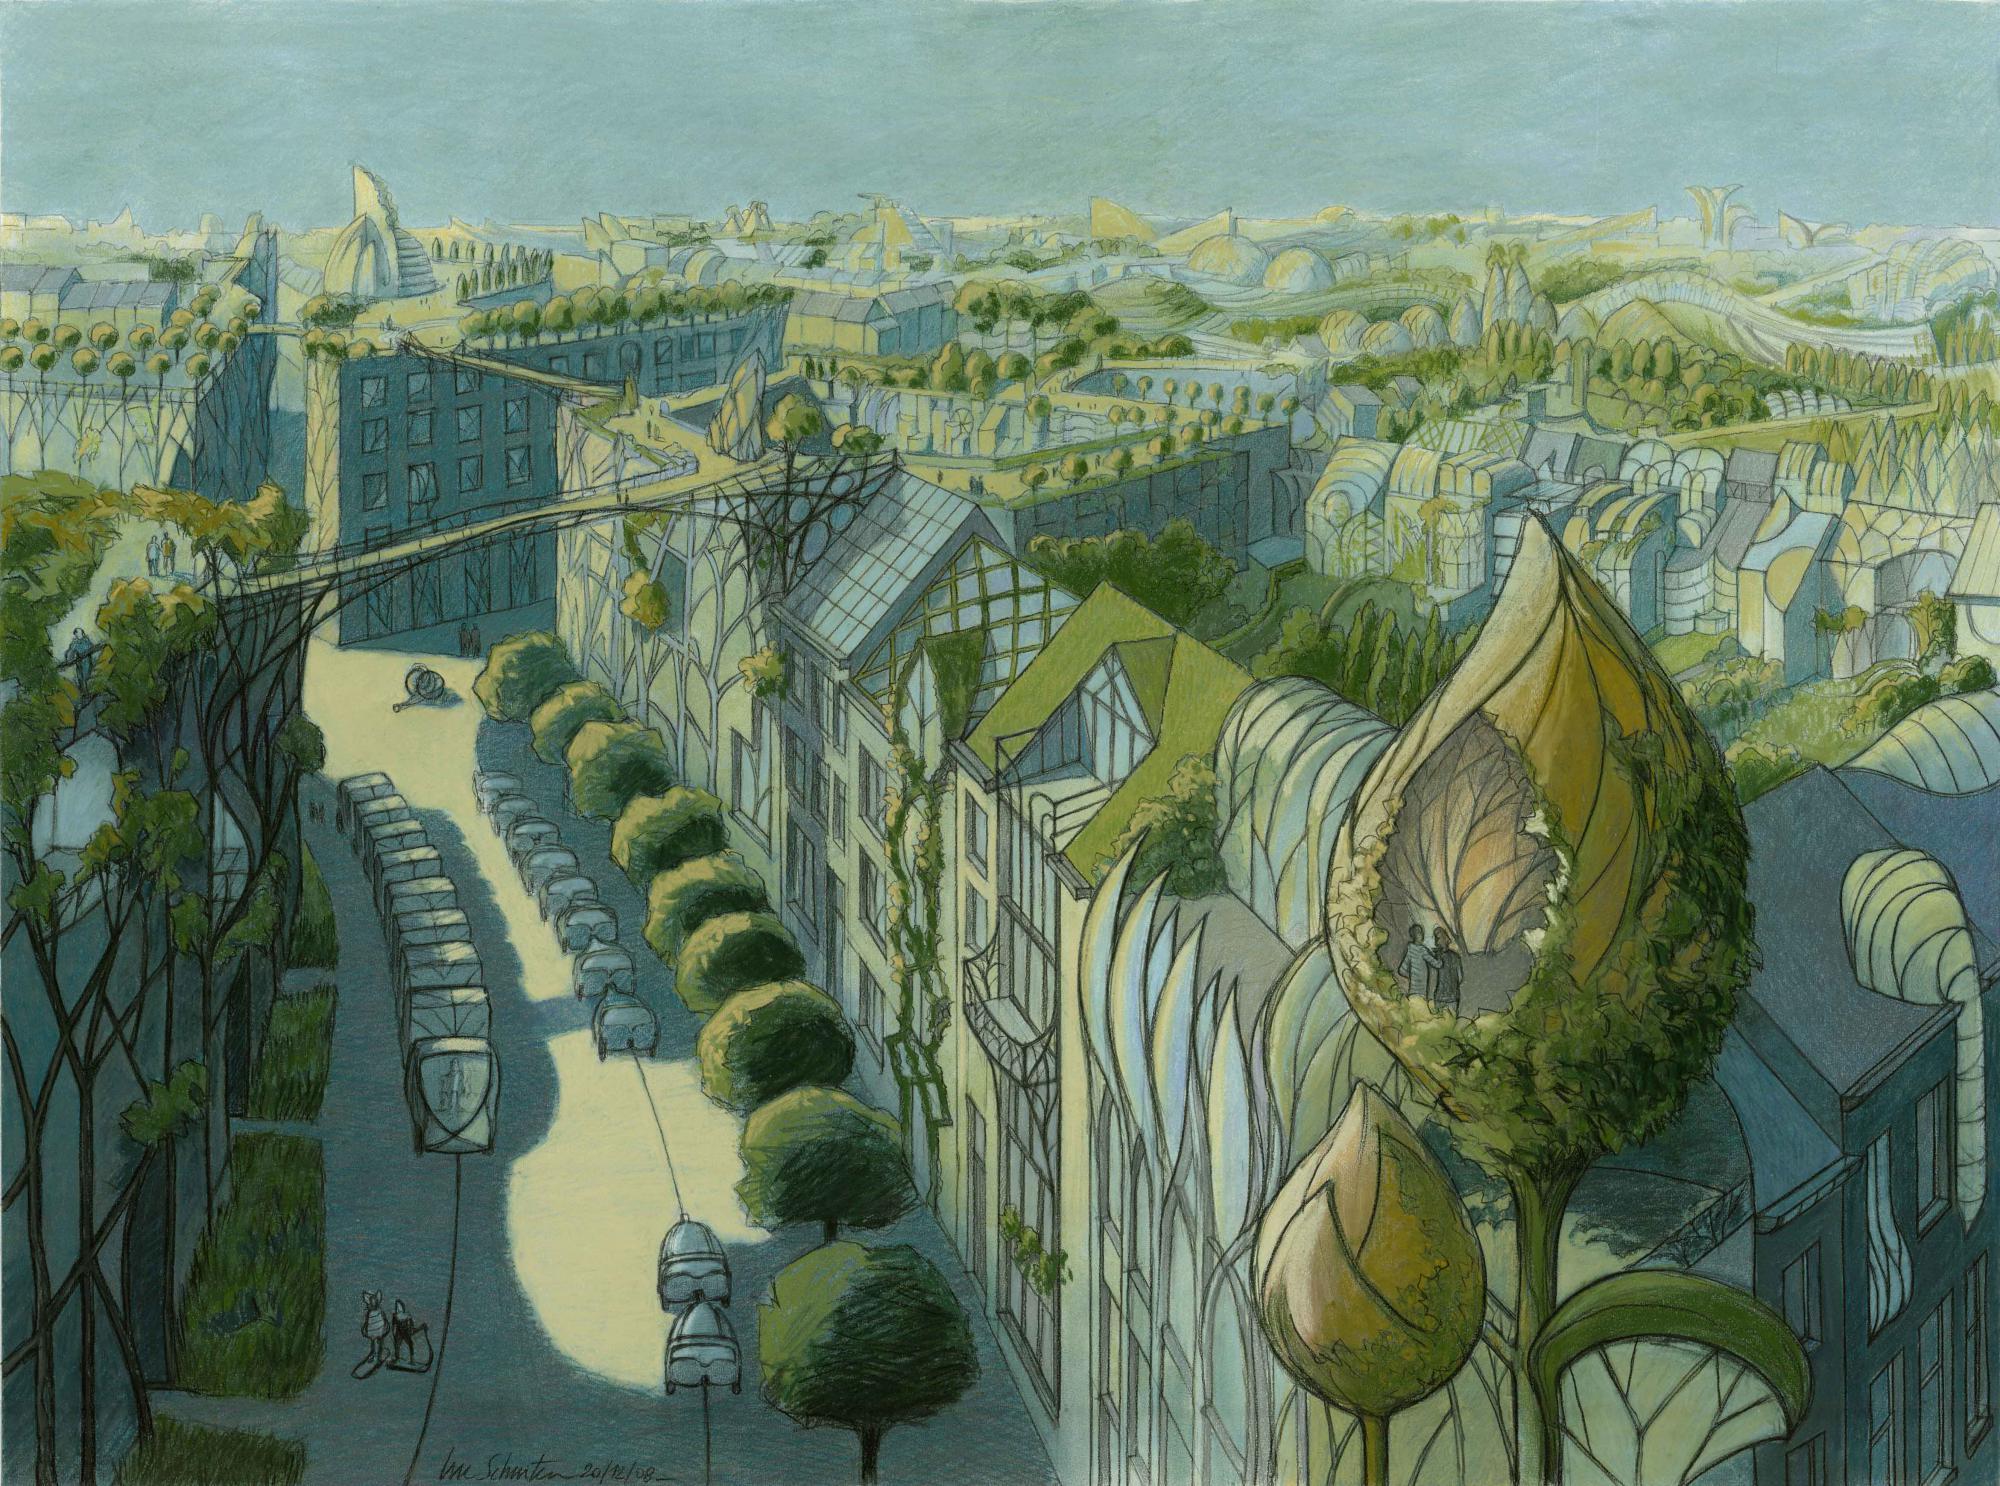 Luc schuiten expositions for La ville nature